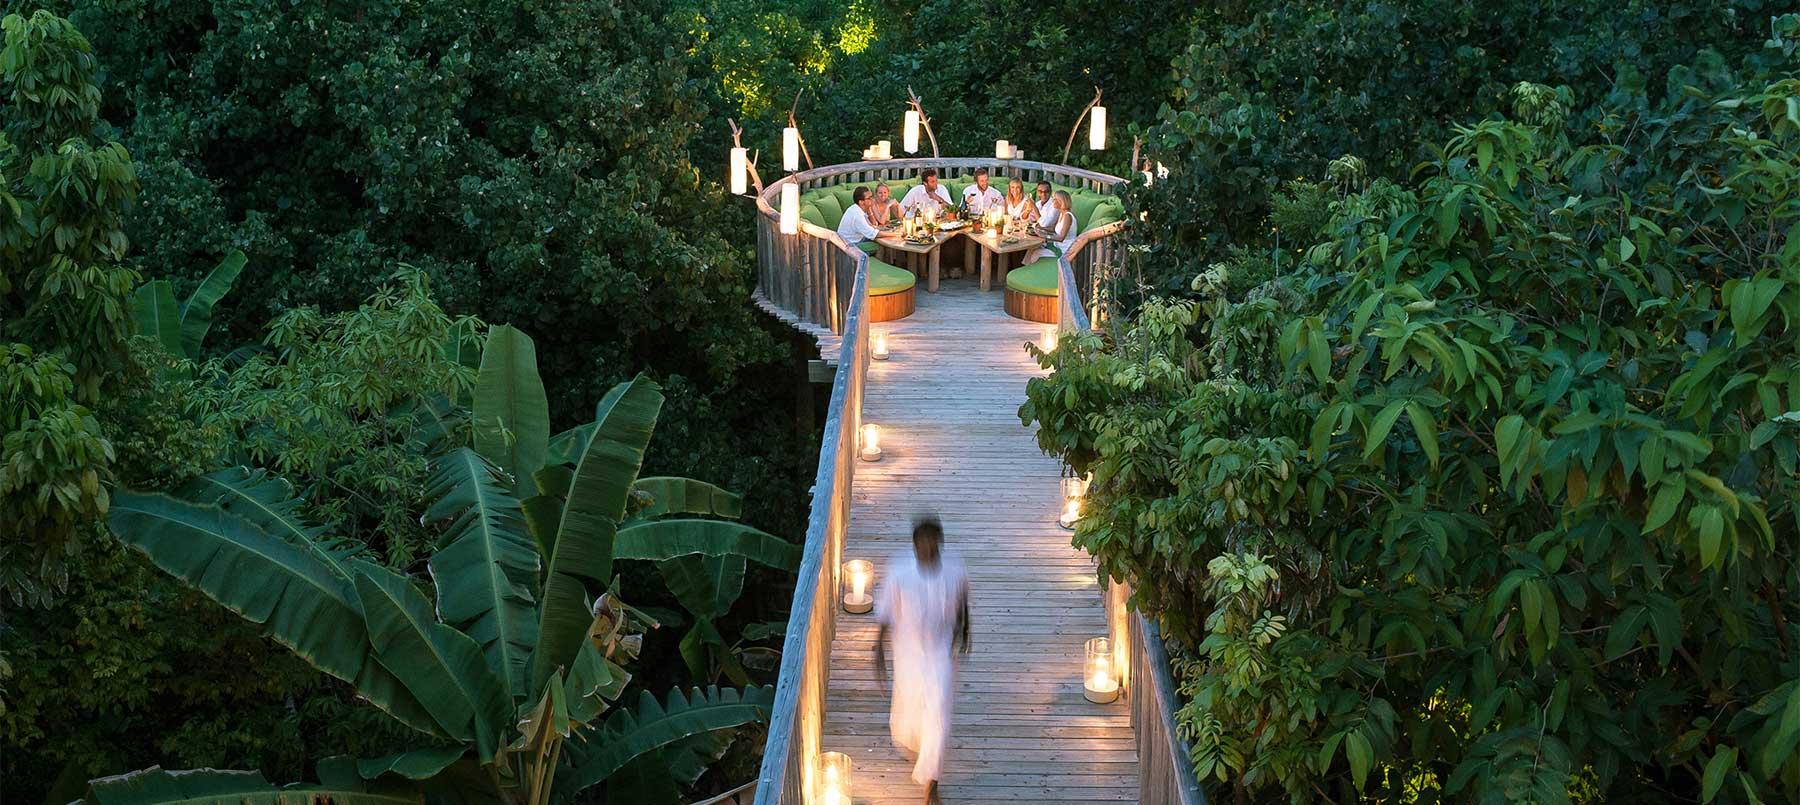 马尔代夫索尼娃富士<br/>Soneva Fushi Resort &#038; Six Senses Spa Maldives